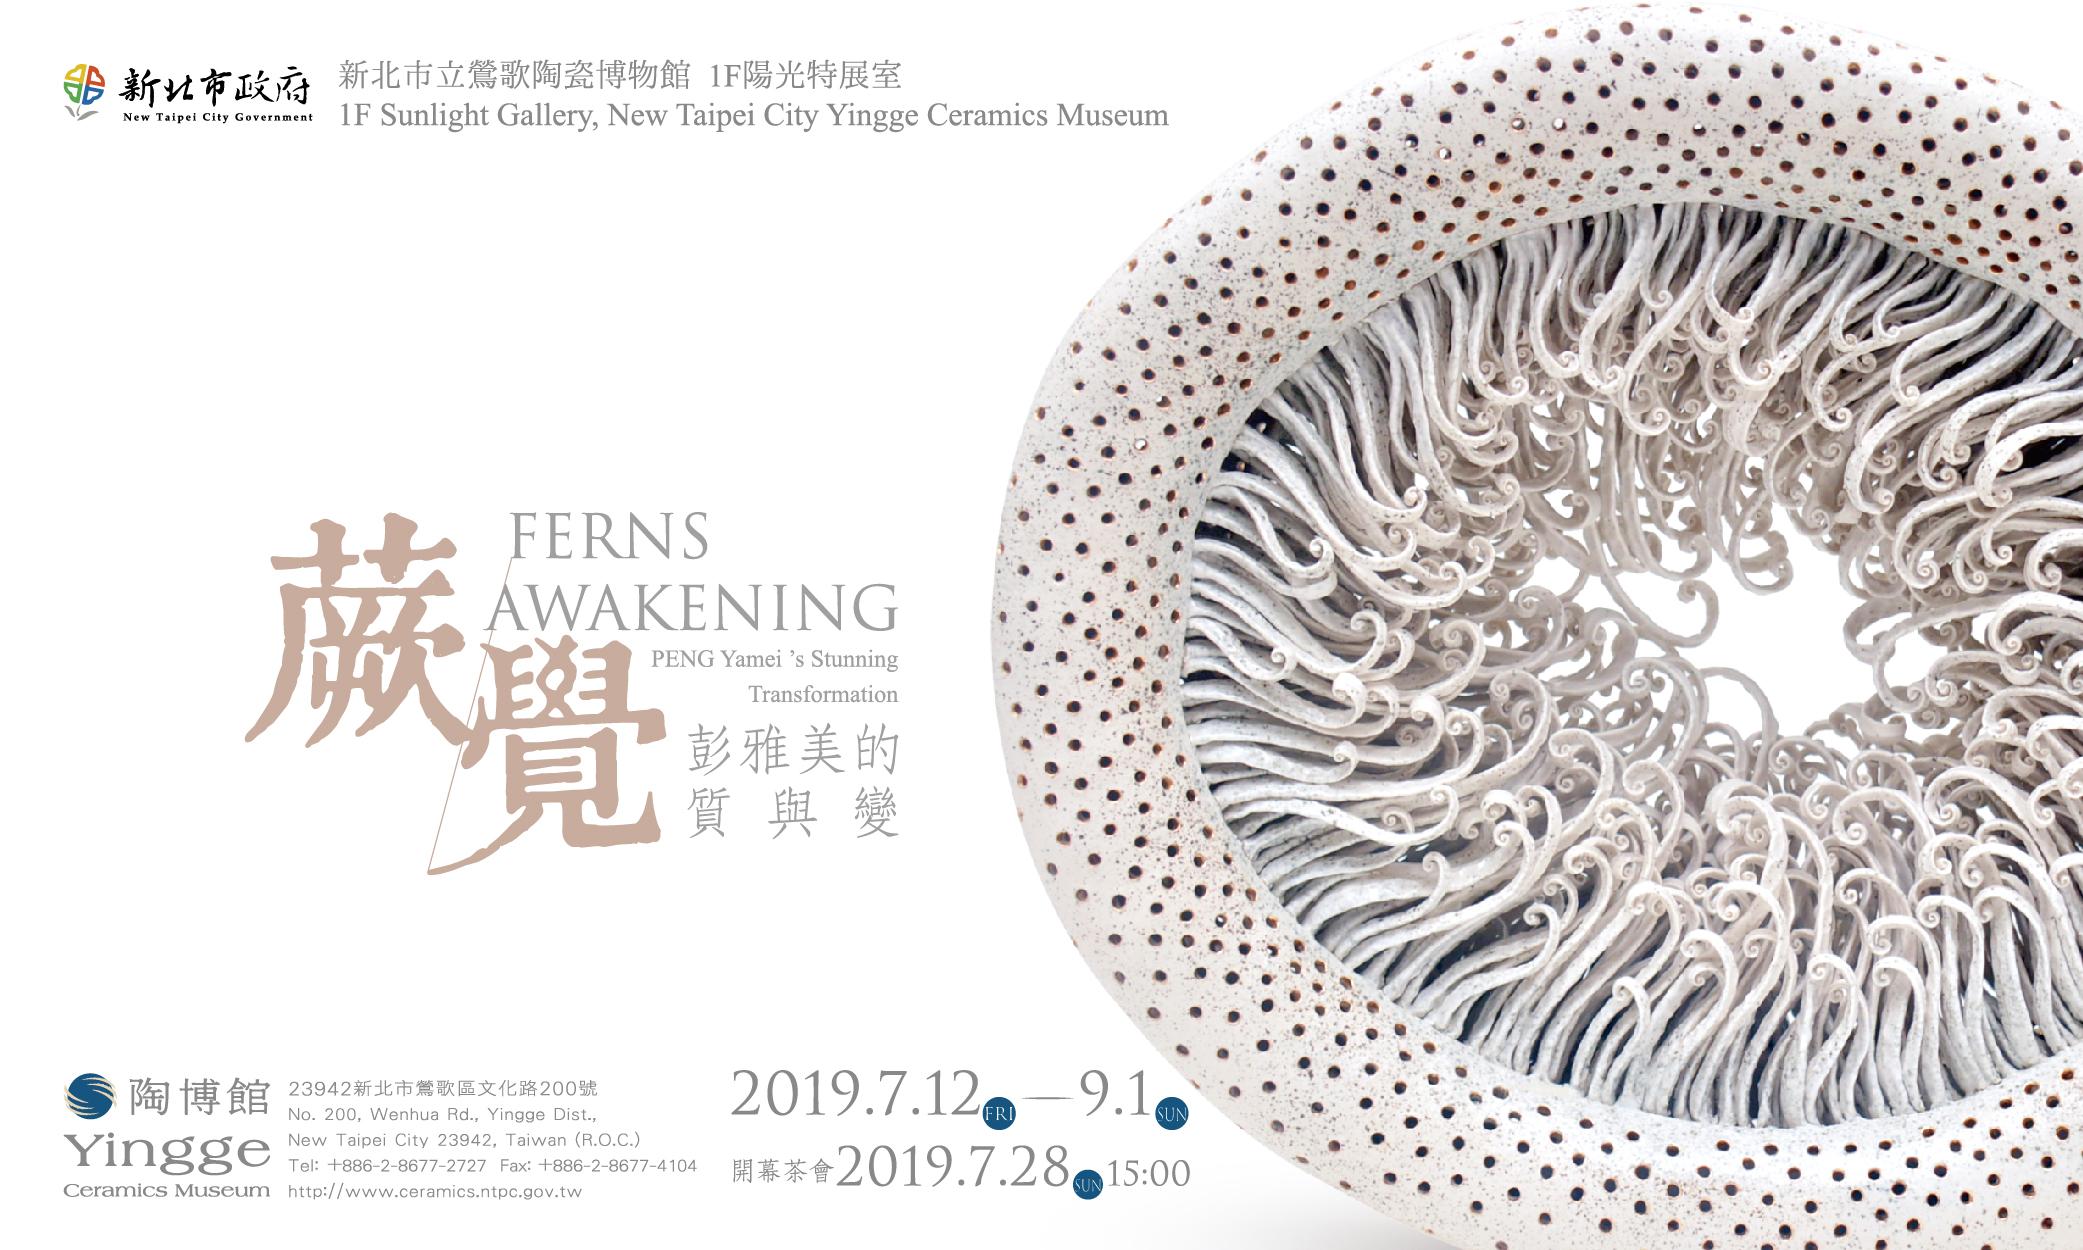 Ferns Awakening: PENG Yamei's Stunning Transformation